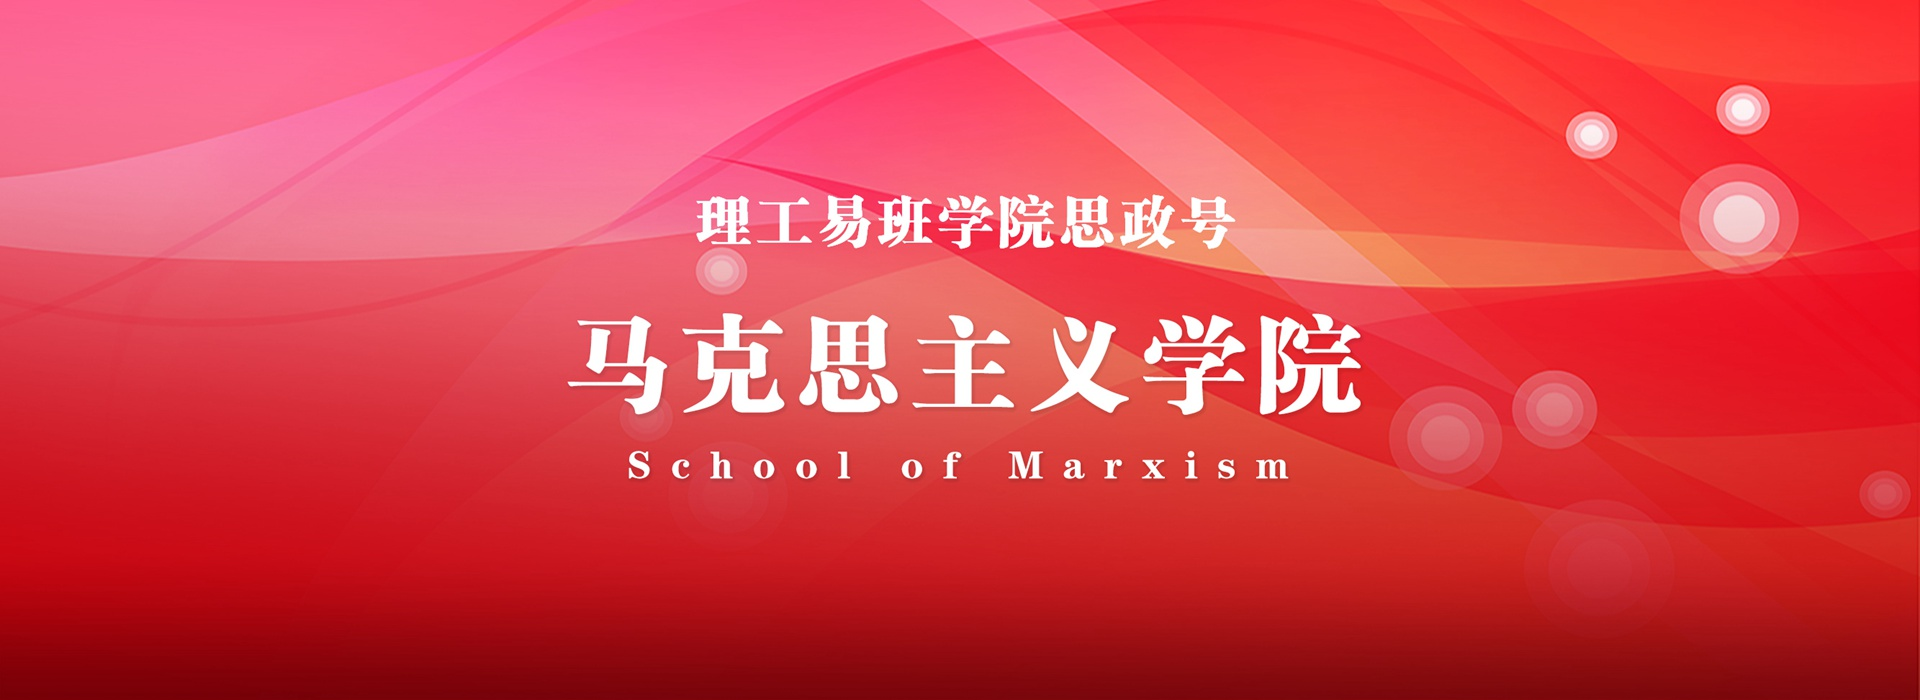 马克思学院